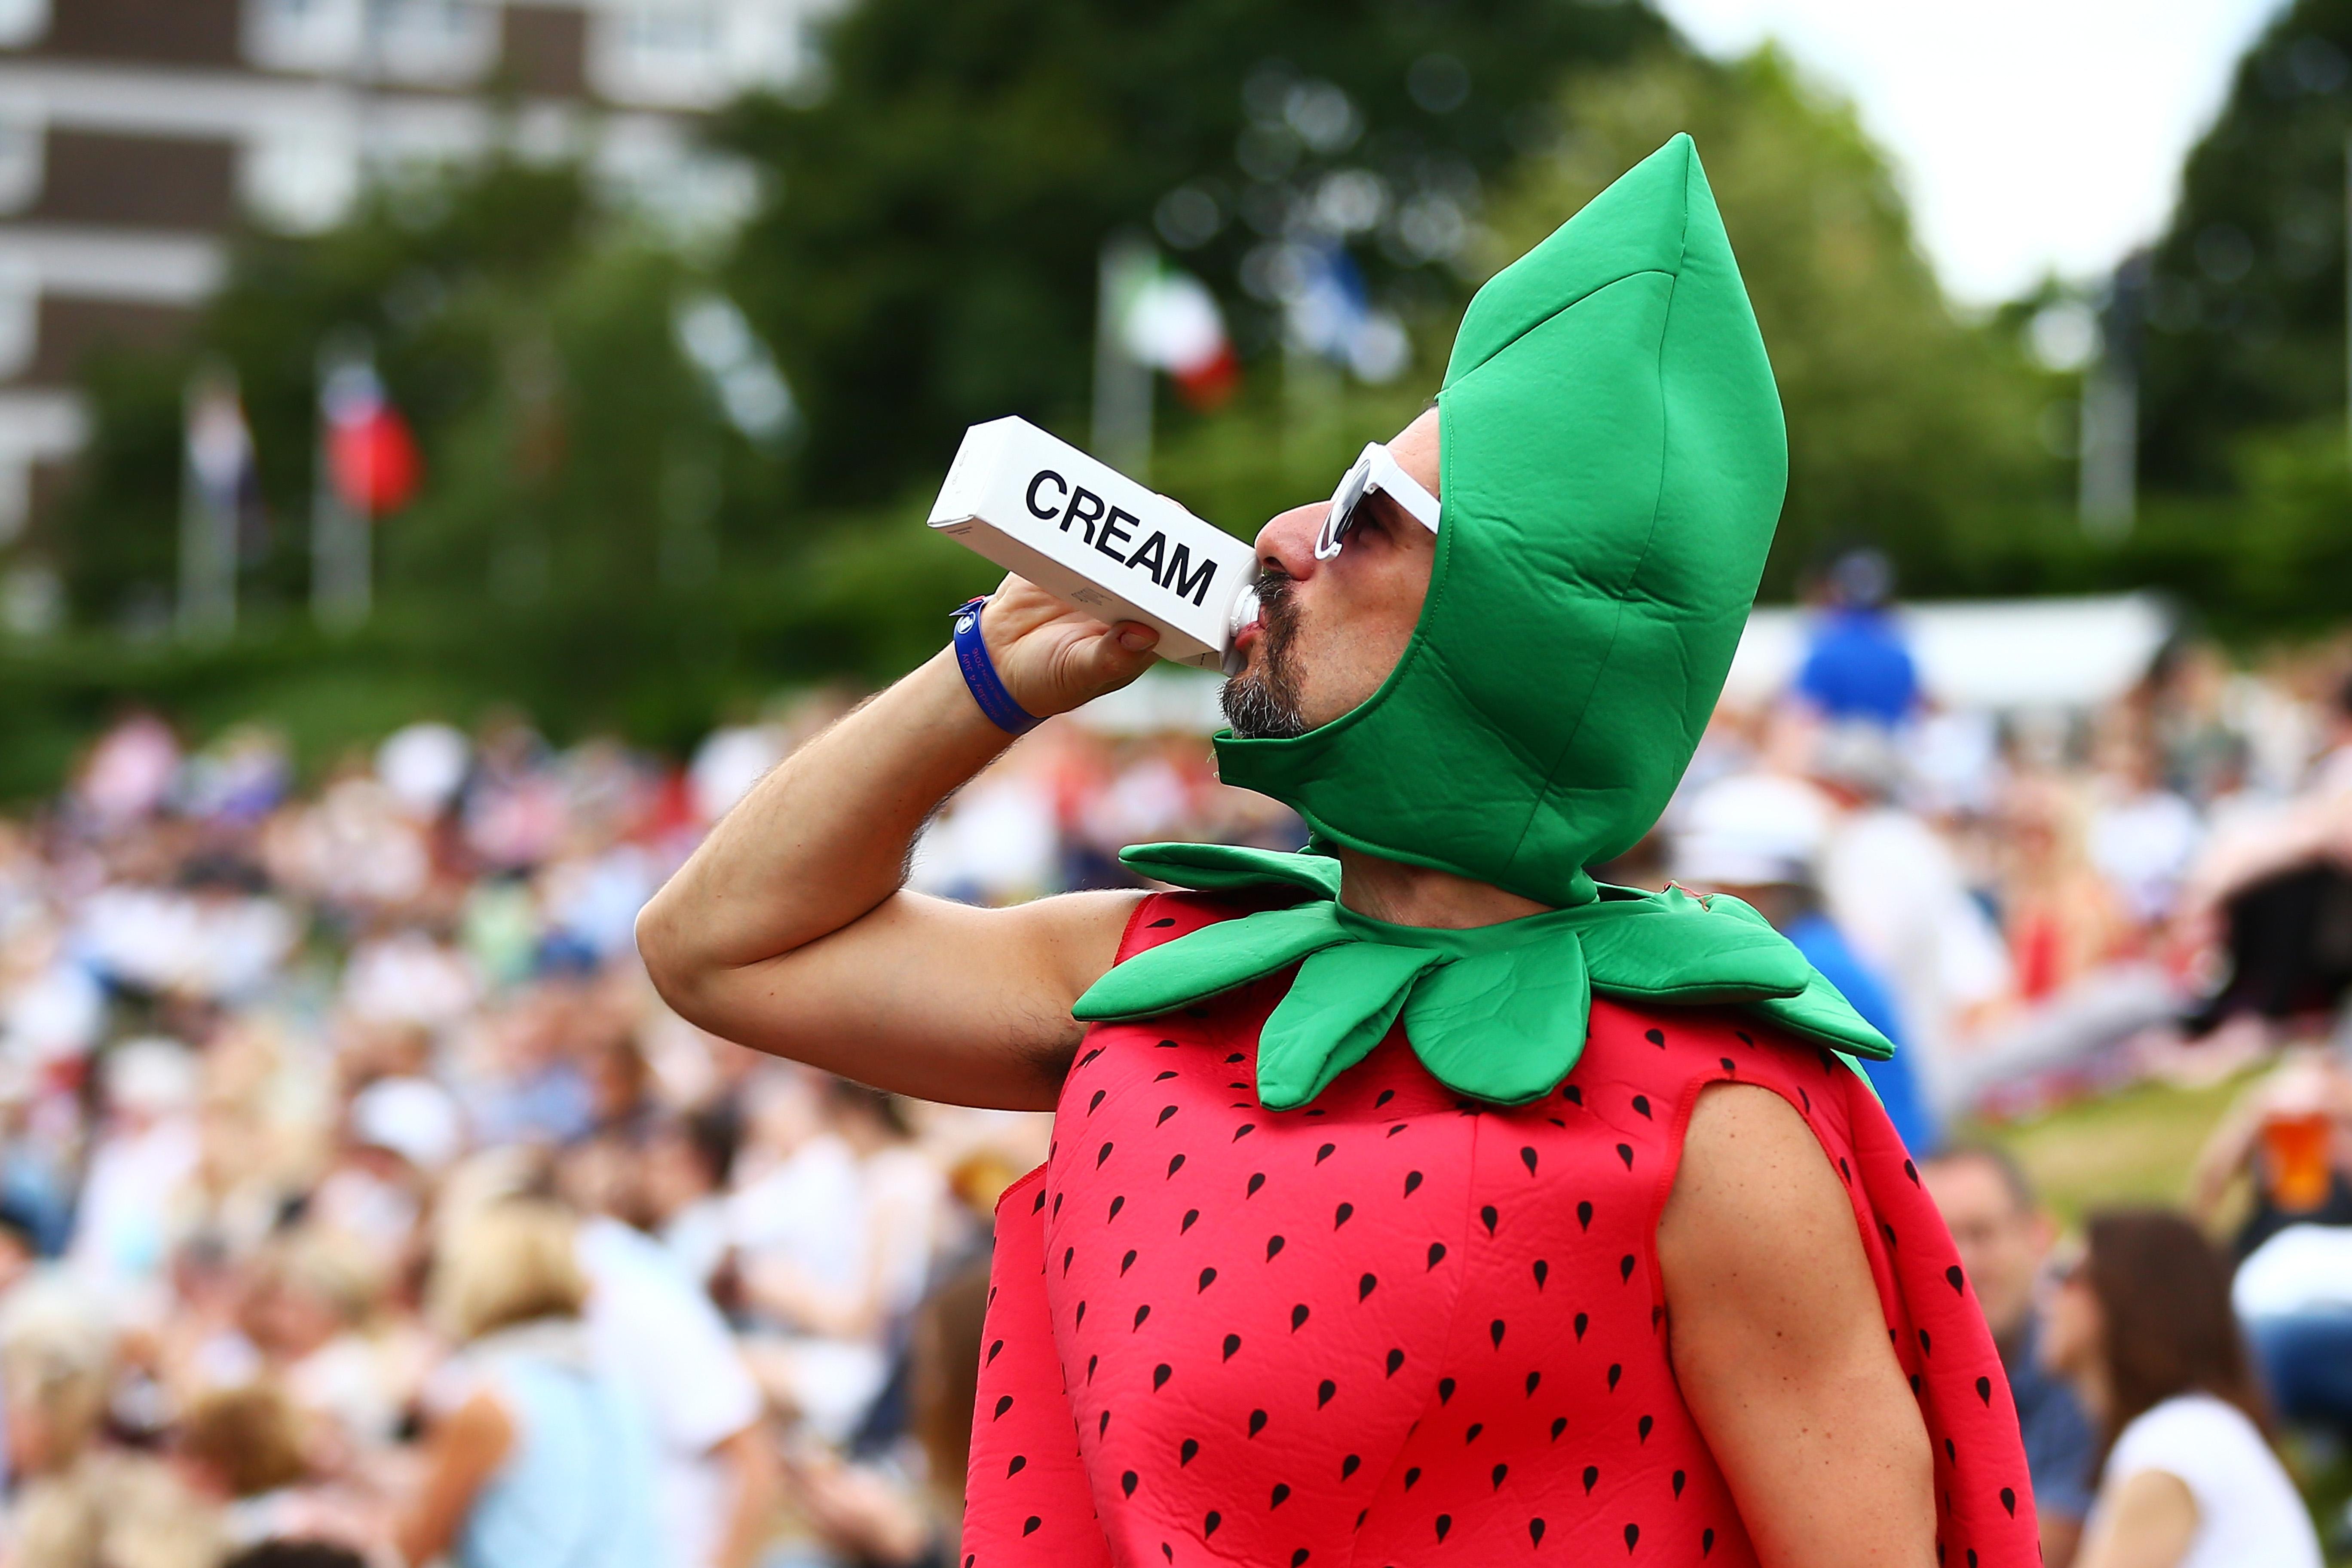 Ganz eindeutig – in Wimbledon regieren Erdbeeren mit Schlagsahne.